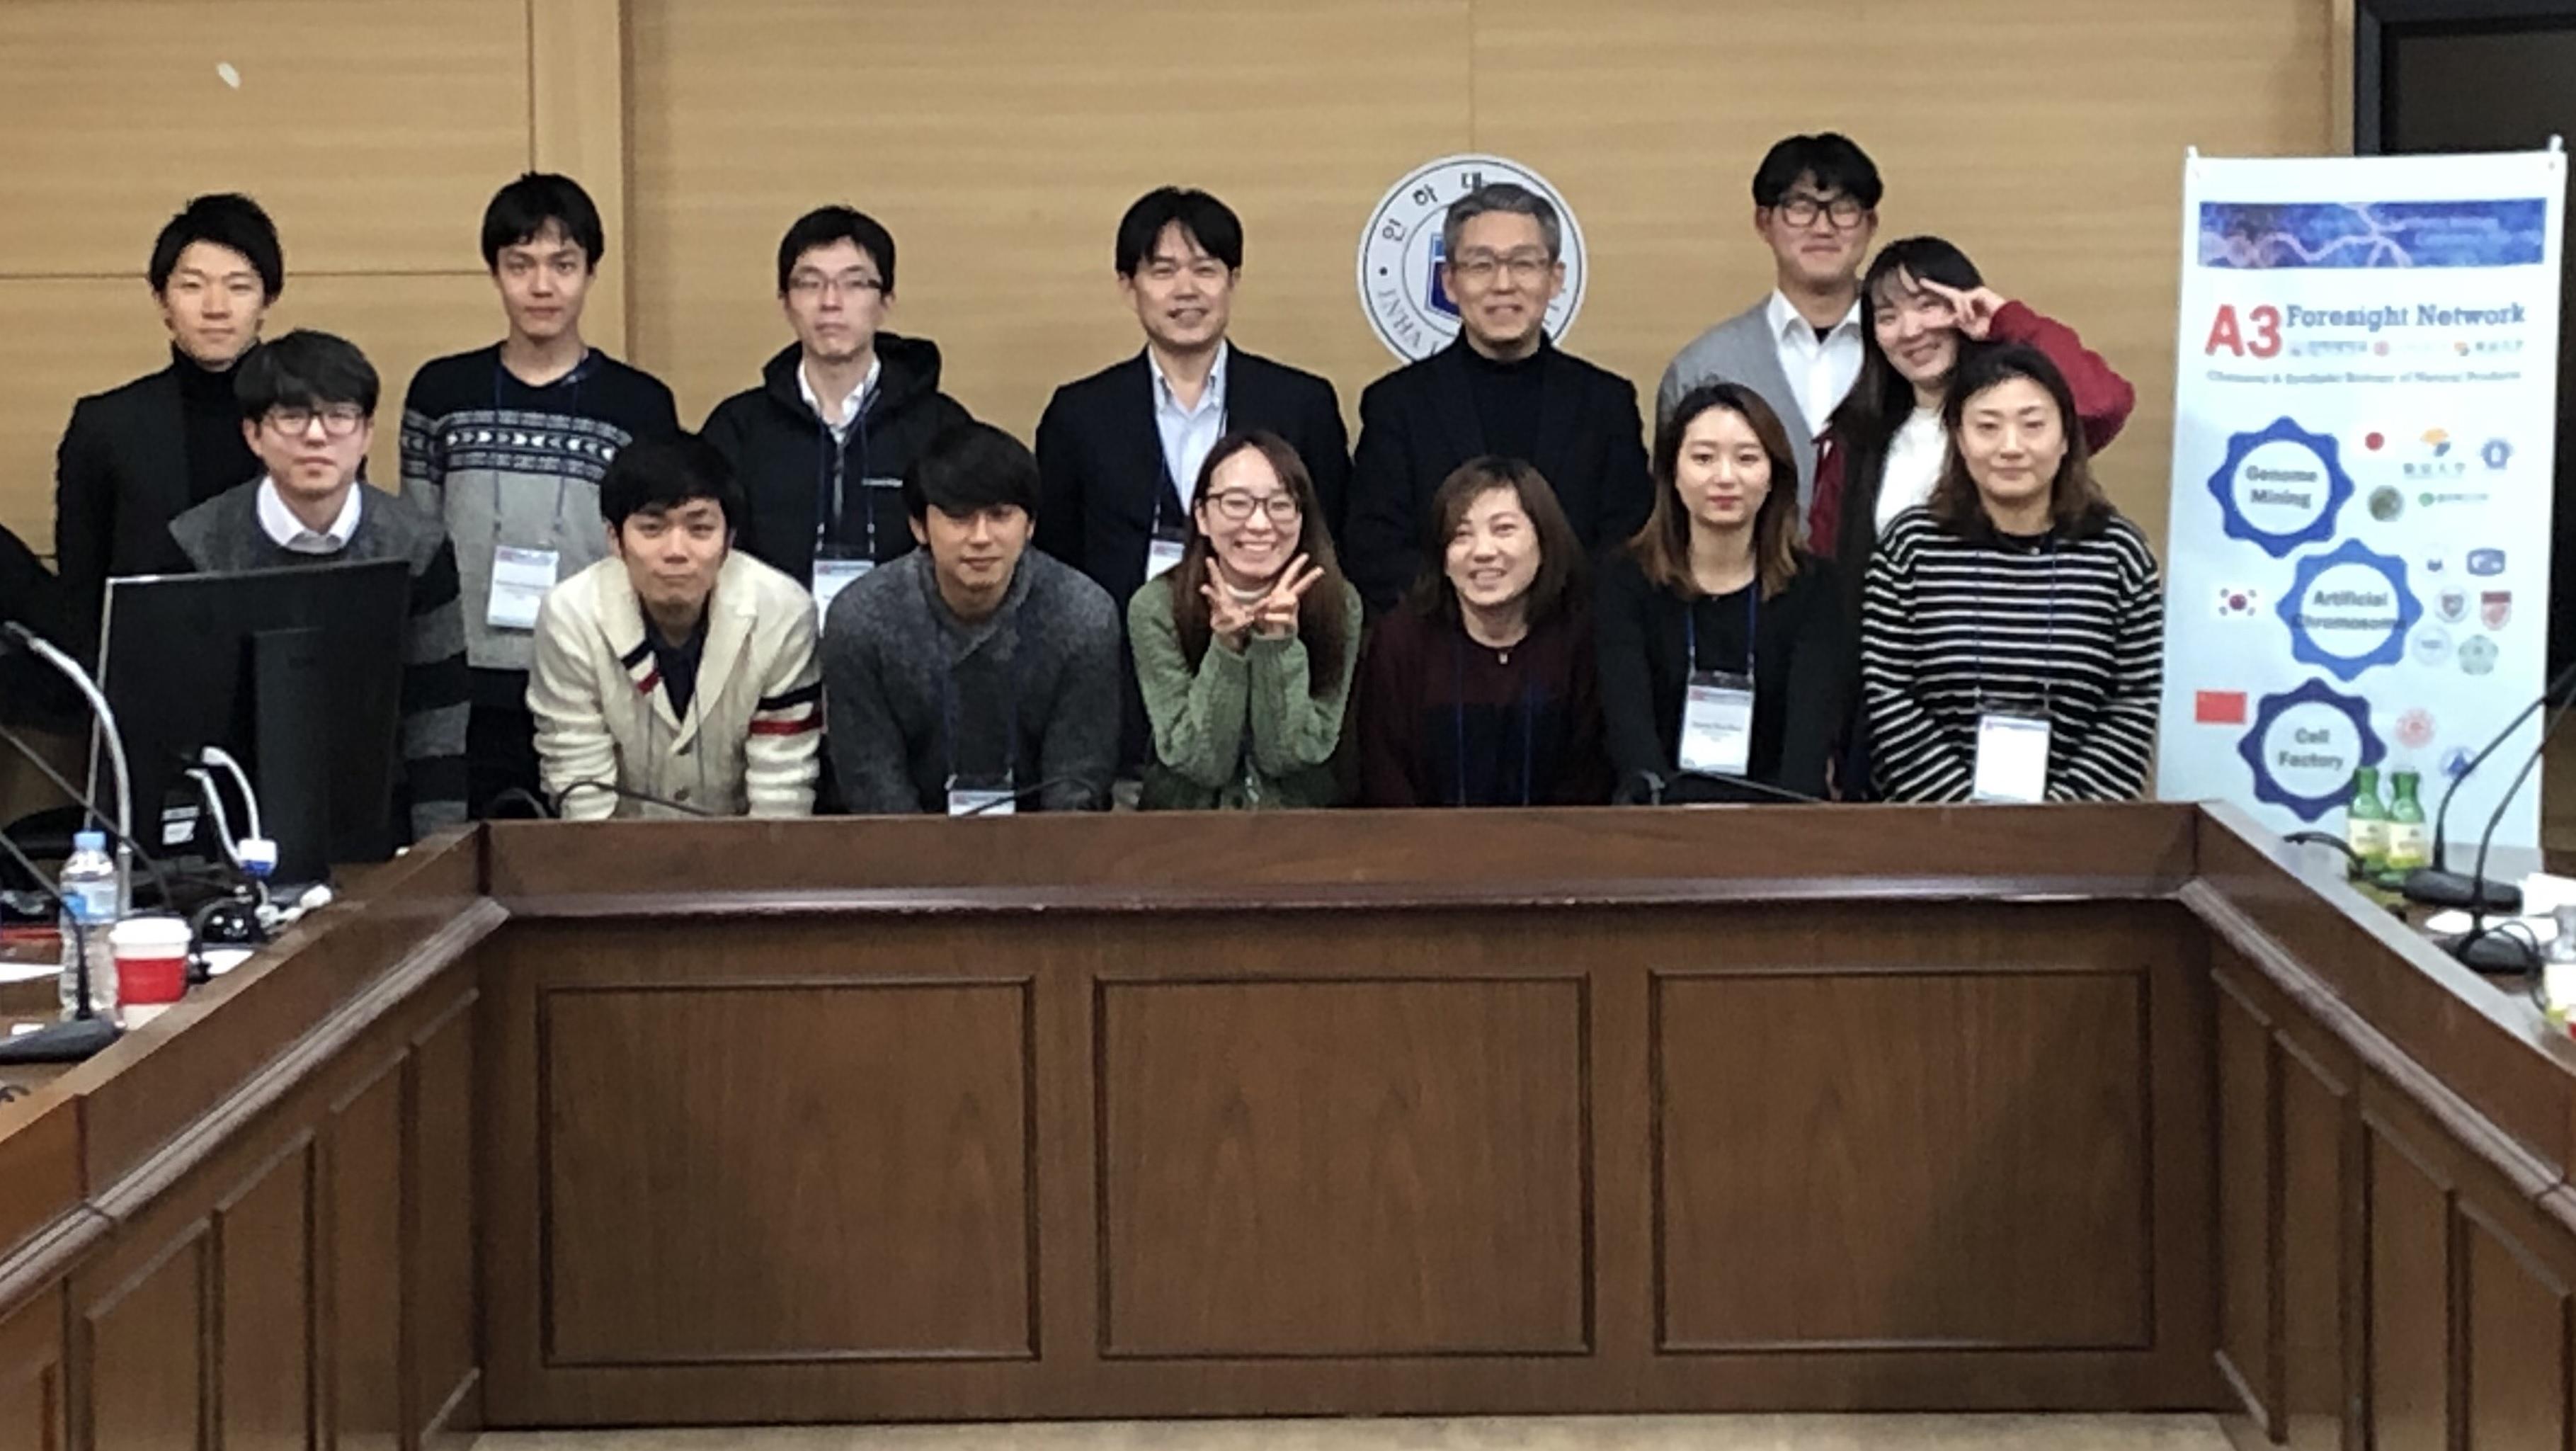 Workshop in Inha University, Incheon, Korea